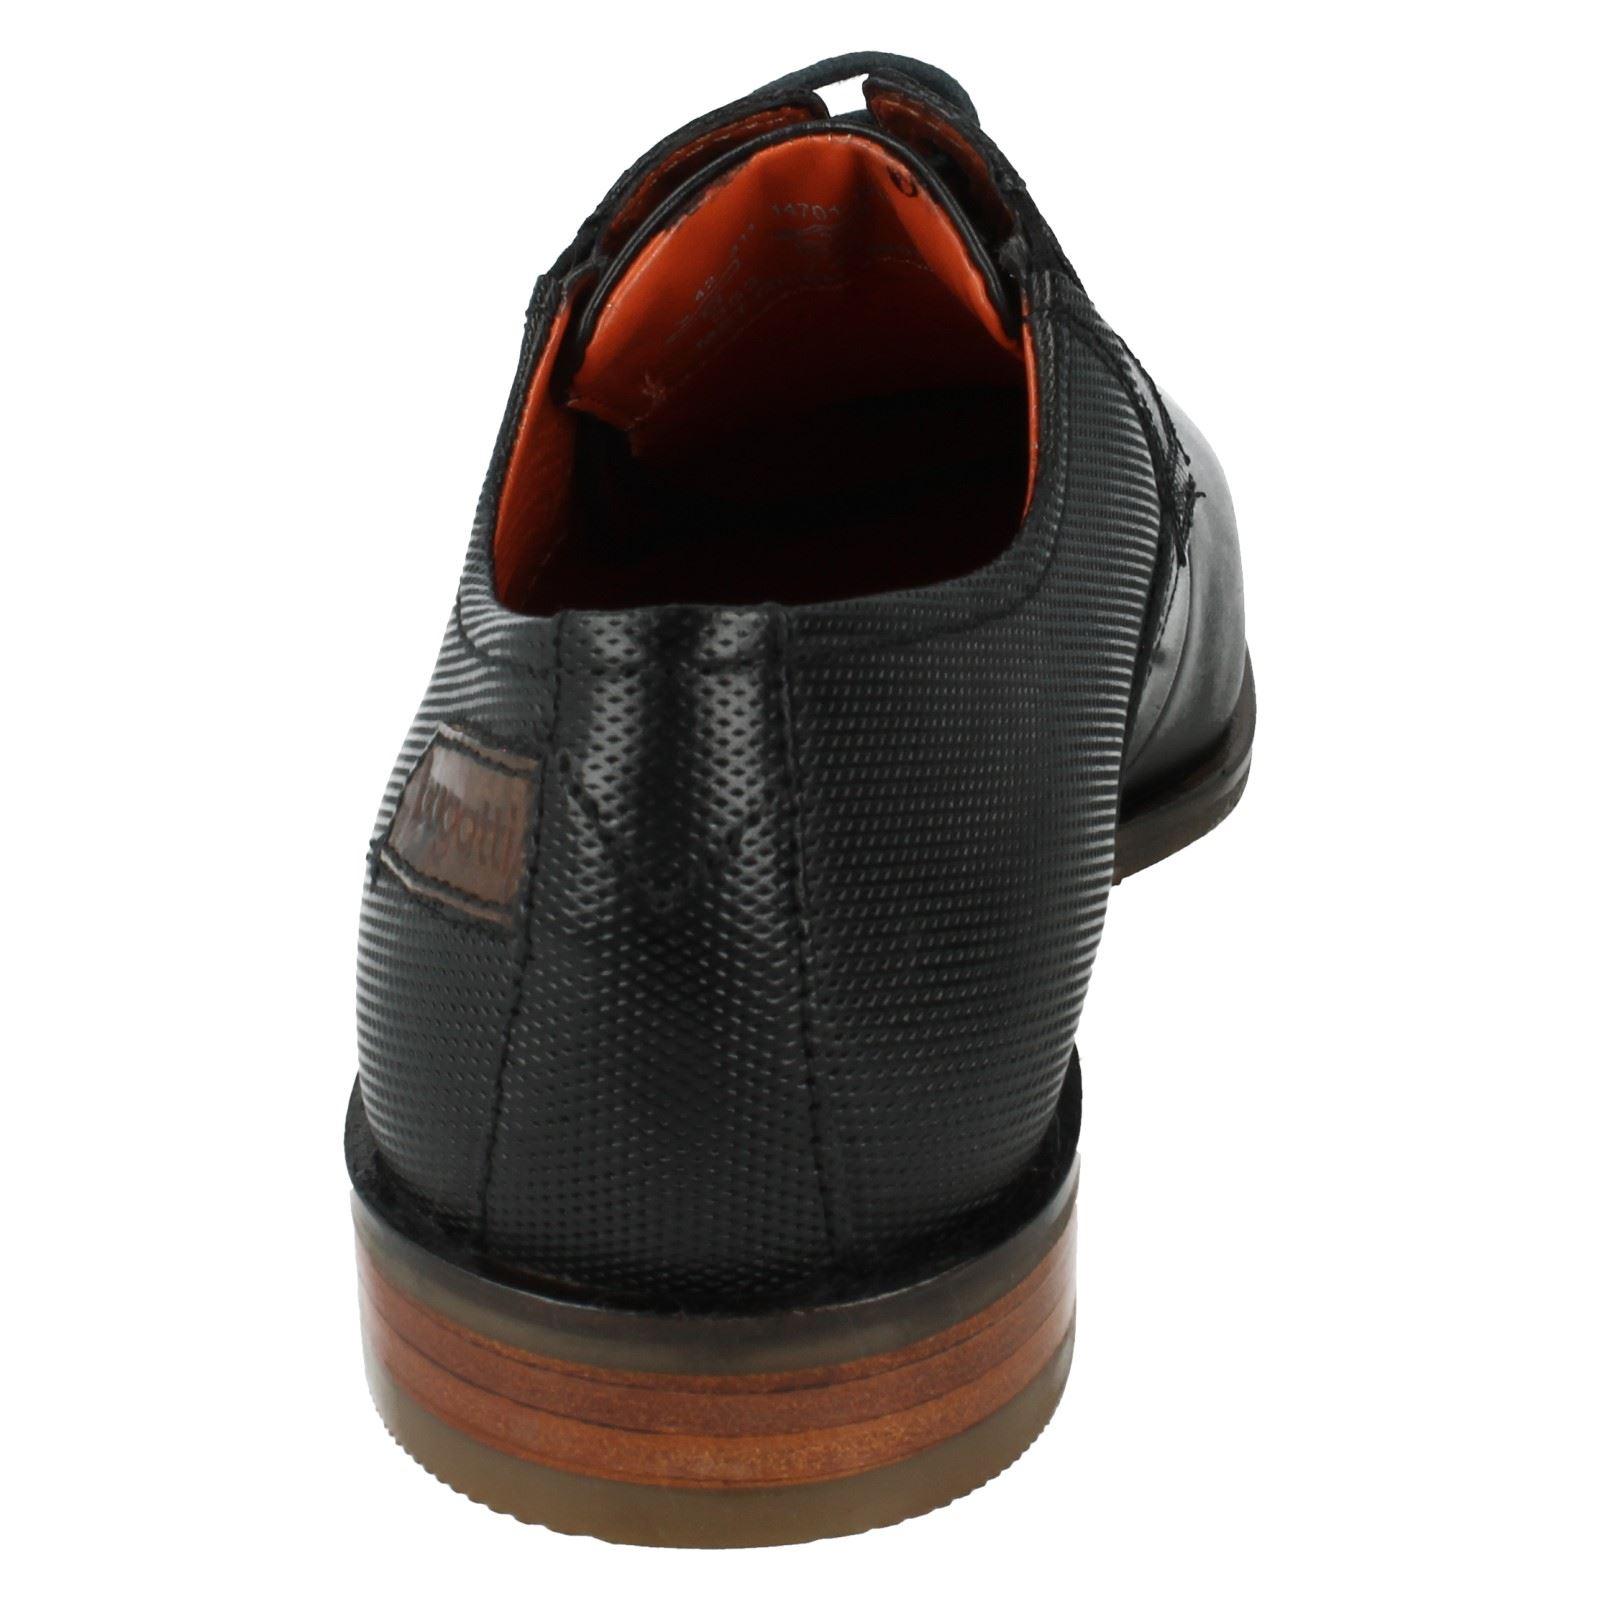 Mens Formal Bugatti Formal Mens Shoes Style 311-14701-1010 -W 495f1e